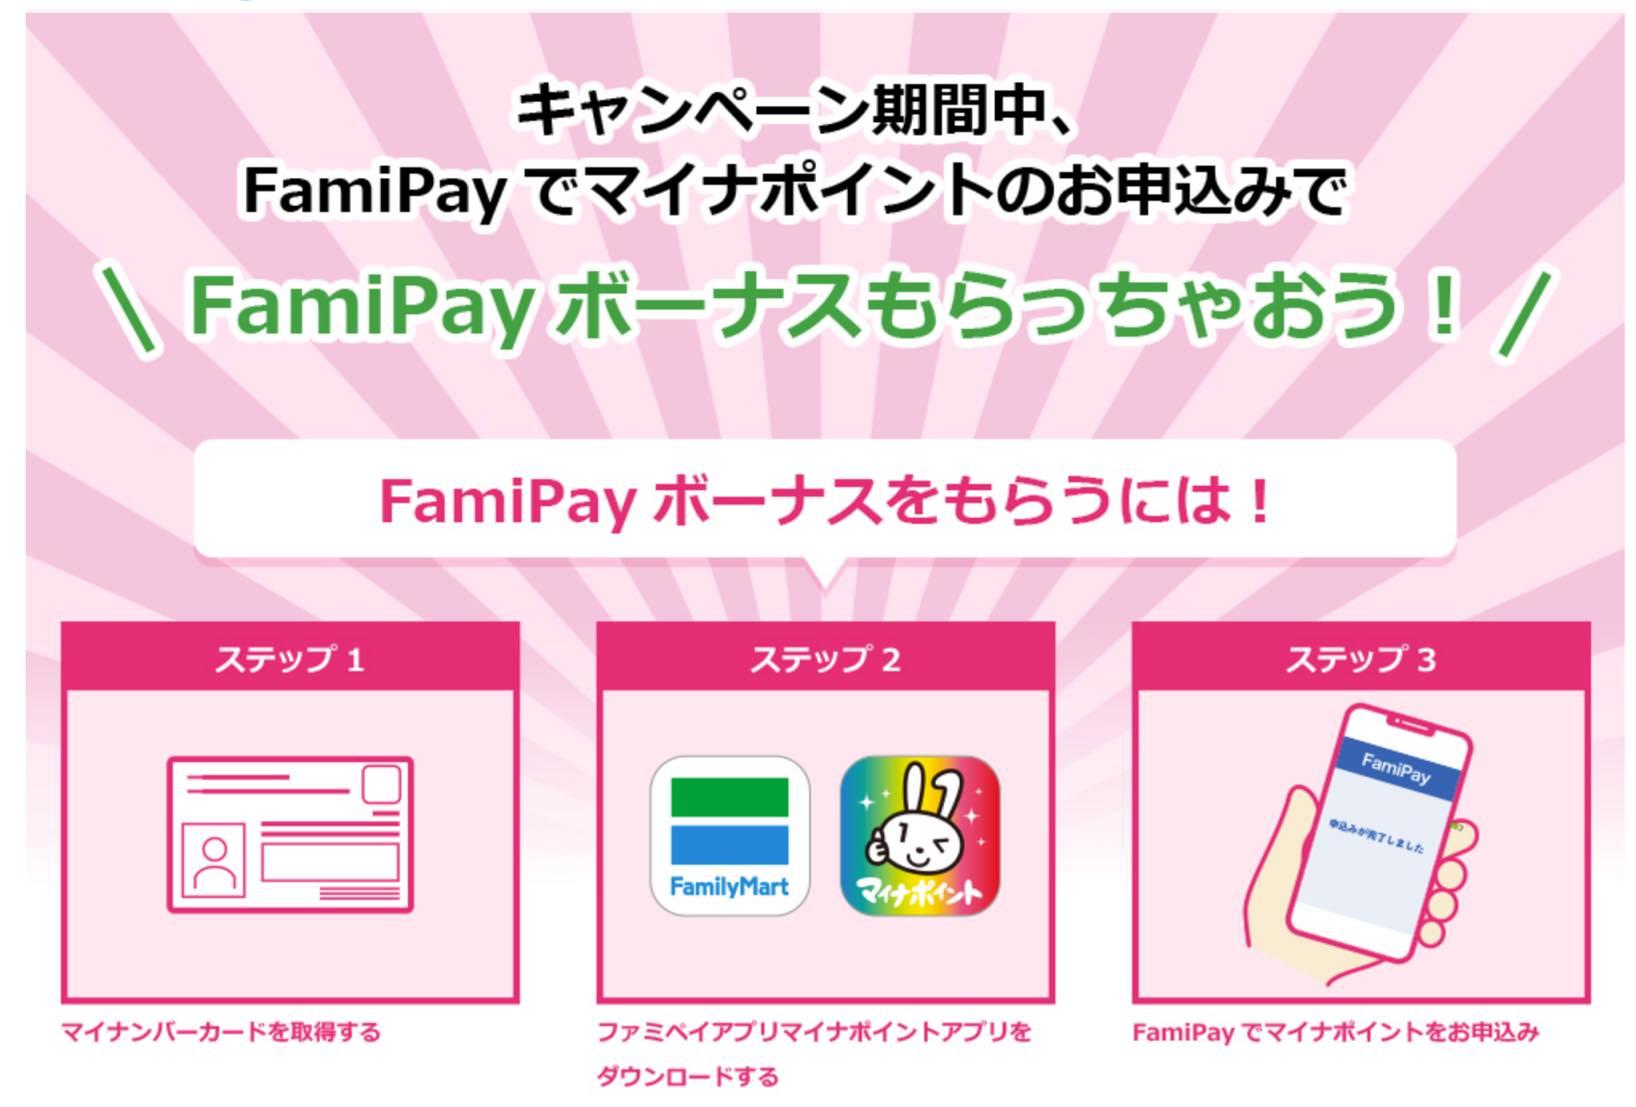 マイナポイント登録キャンペーン「Fami Pay」:詳細2